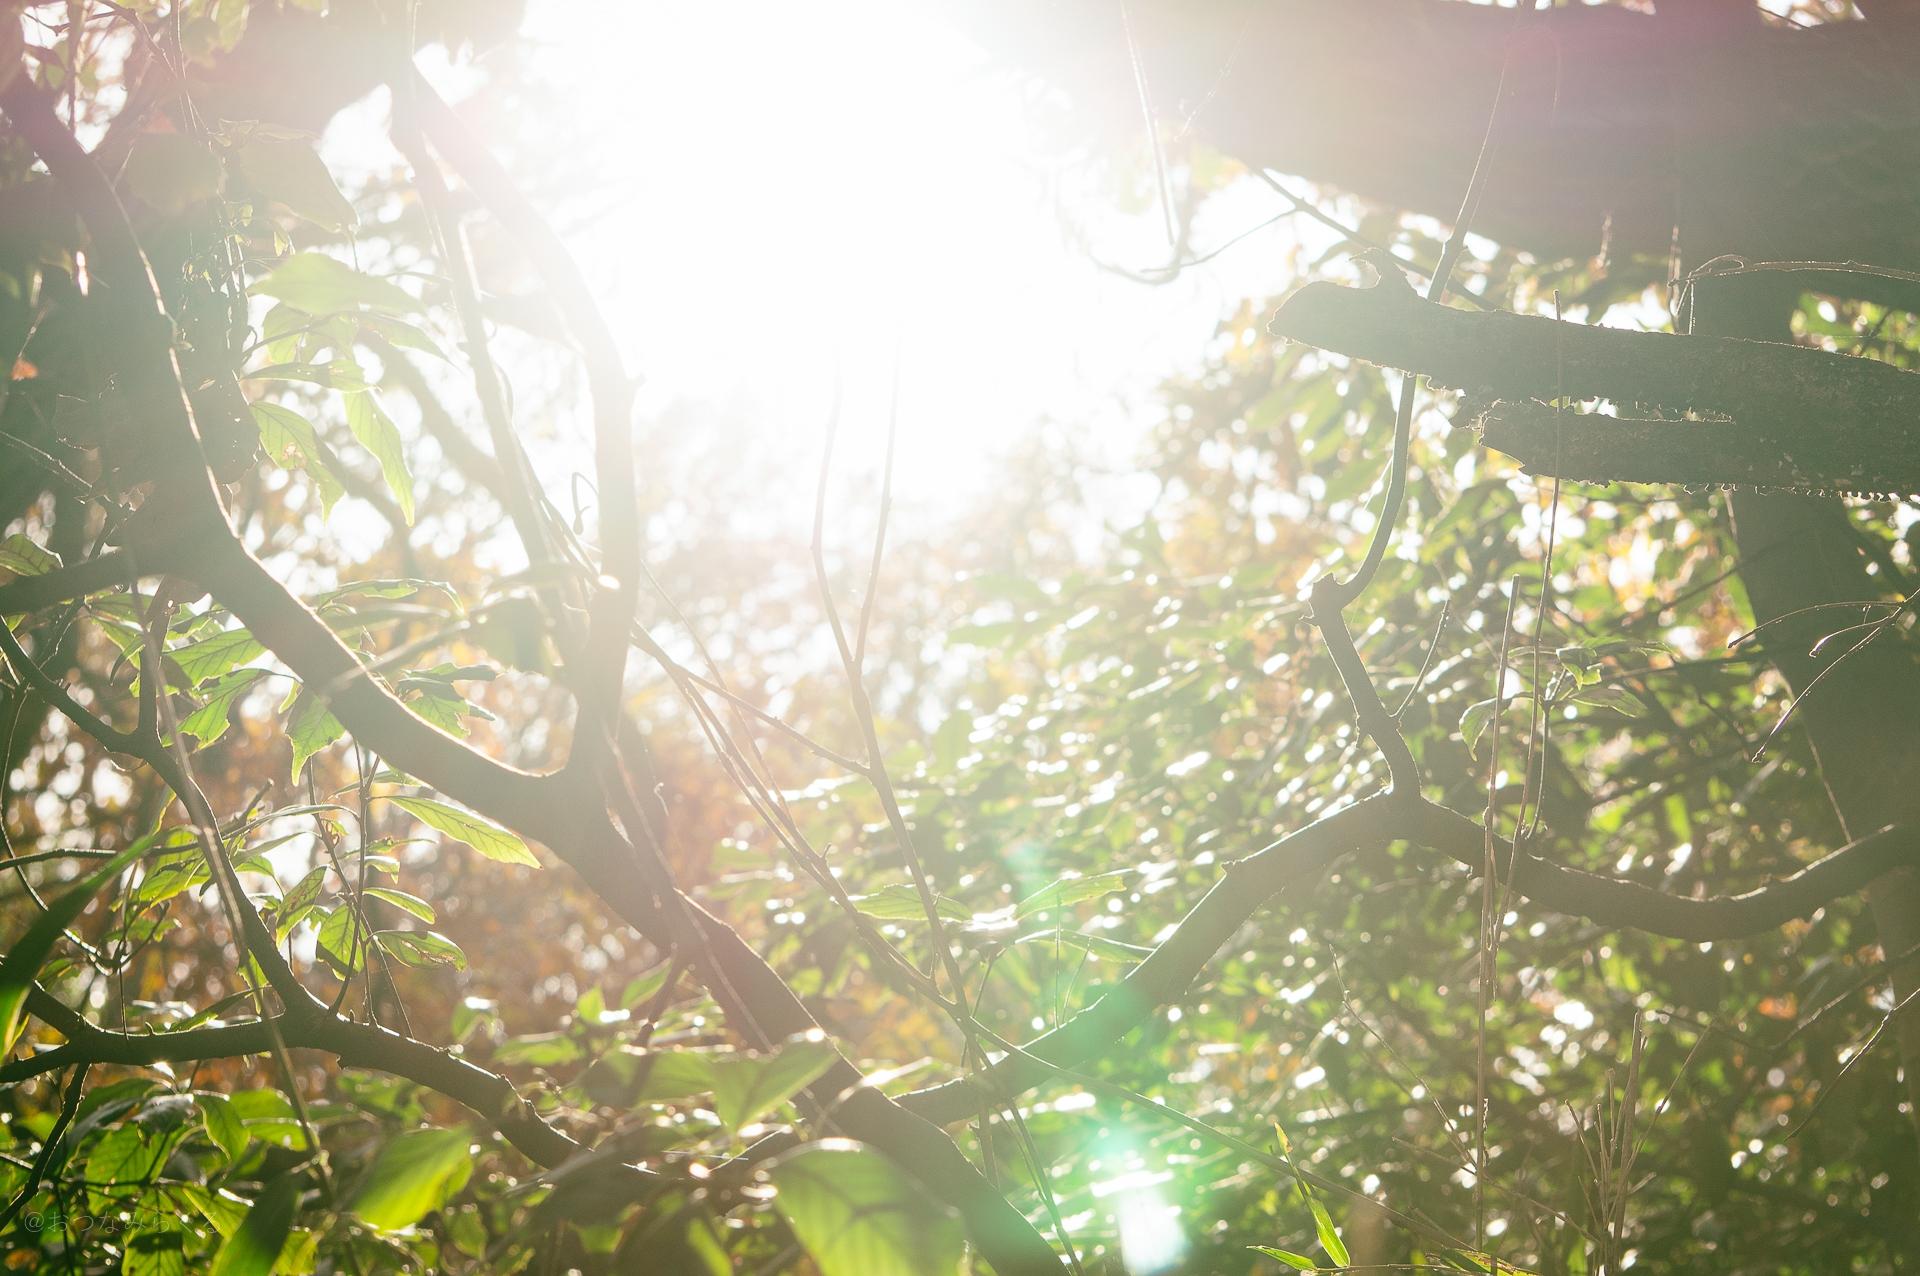 スナップ 向ヶ丘遊園 自然